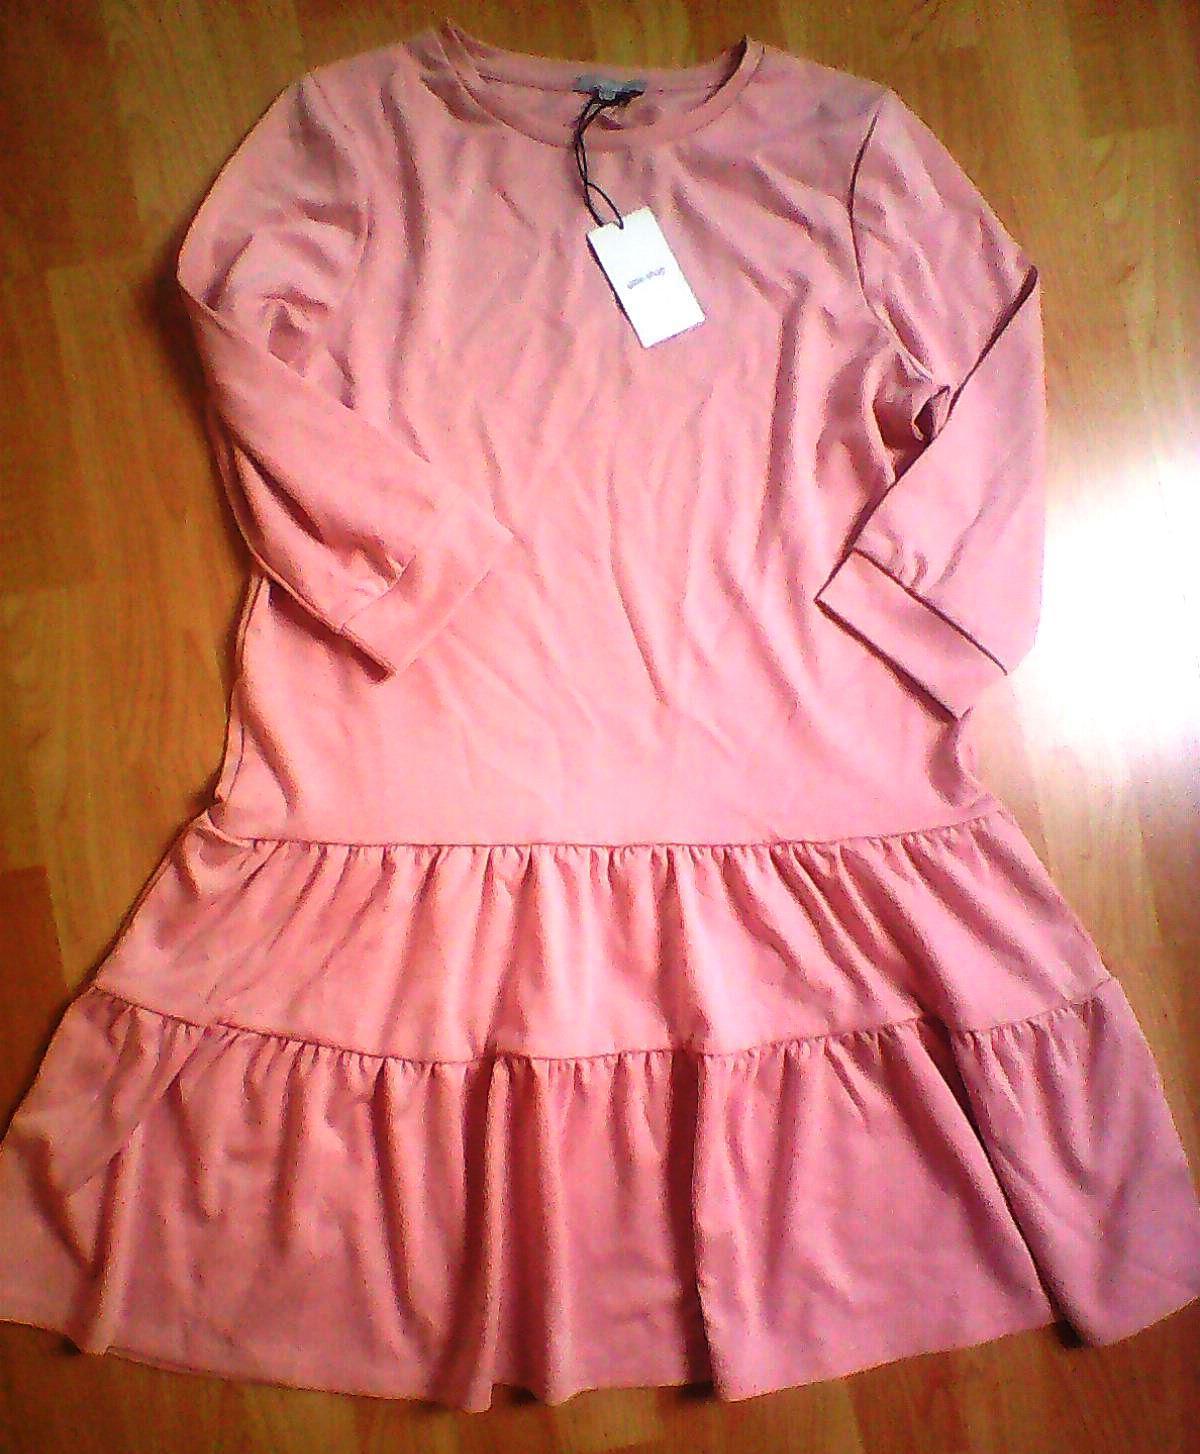 Šaty s volány - Obrázek č. 1